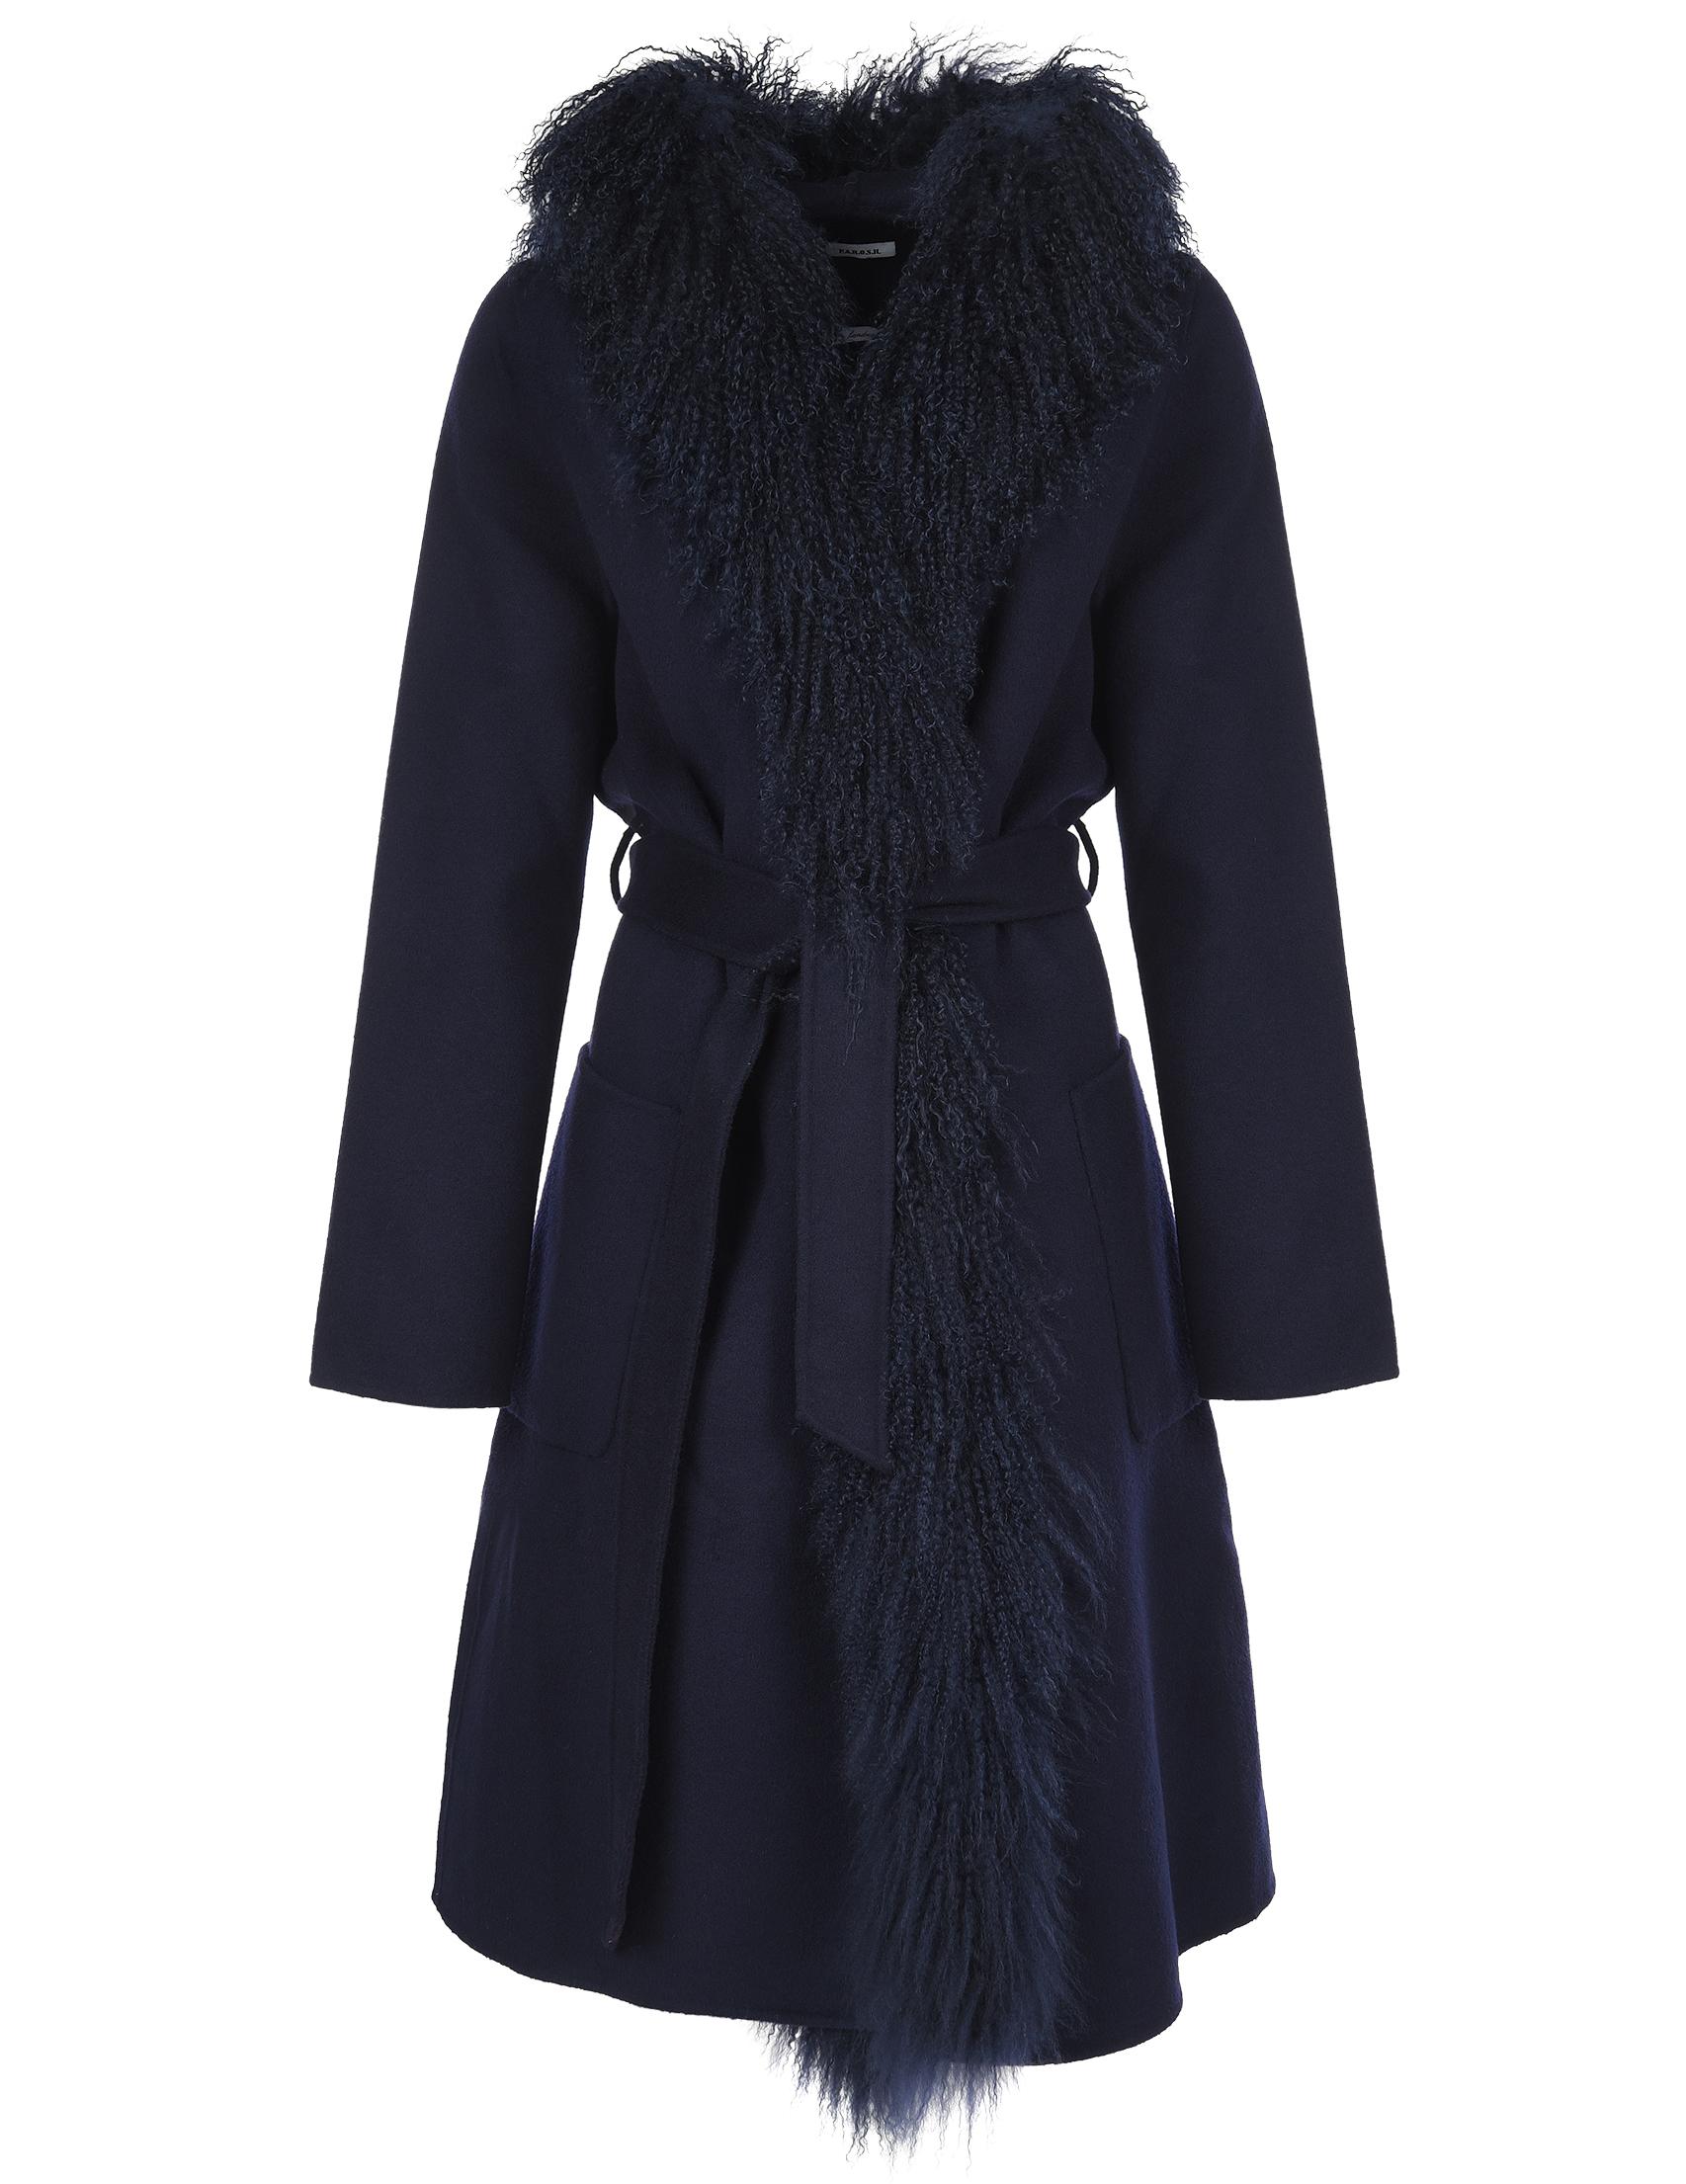 Купить Пальто, P.A.R.O.S.H., Синий, 100%Шерсть;100%Полиэстер, Осень-Зима